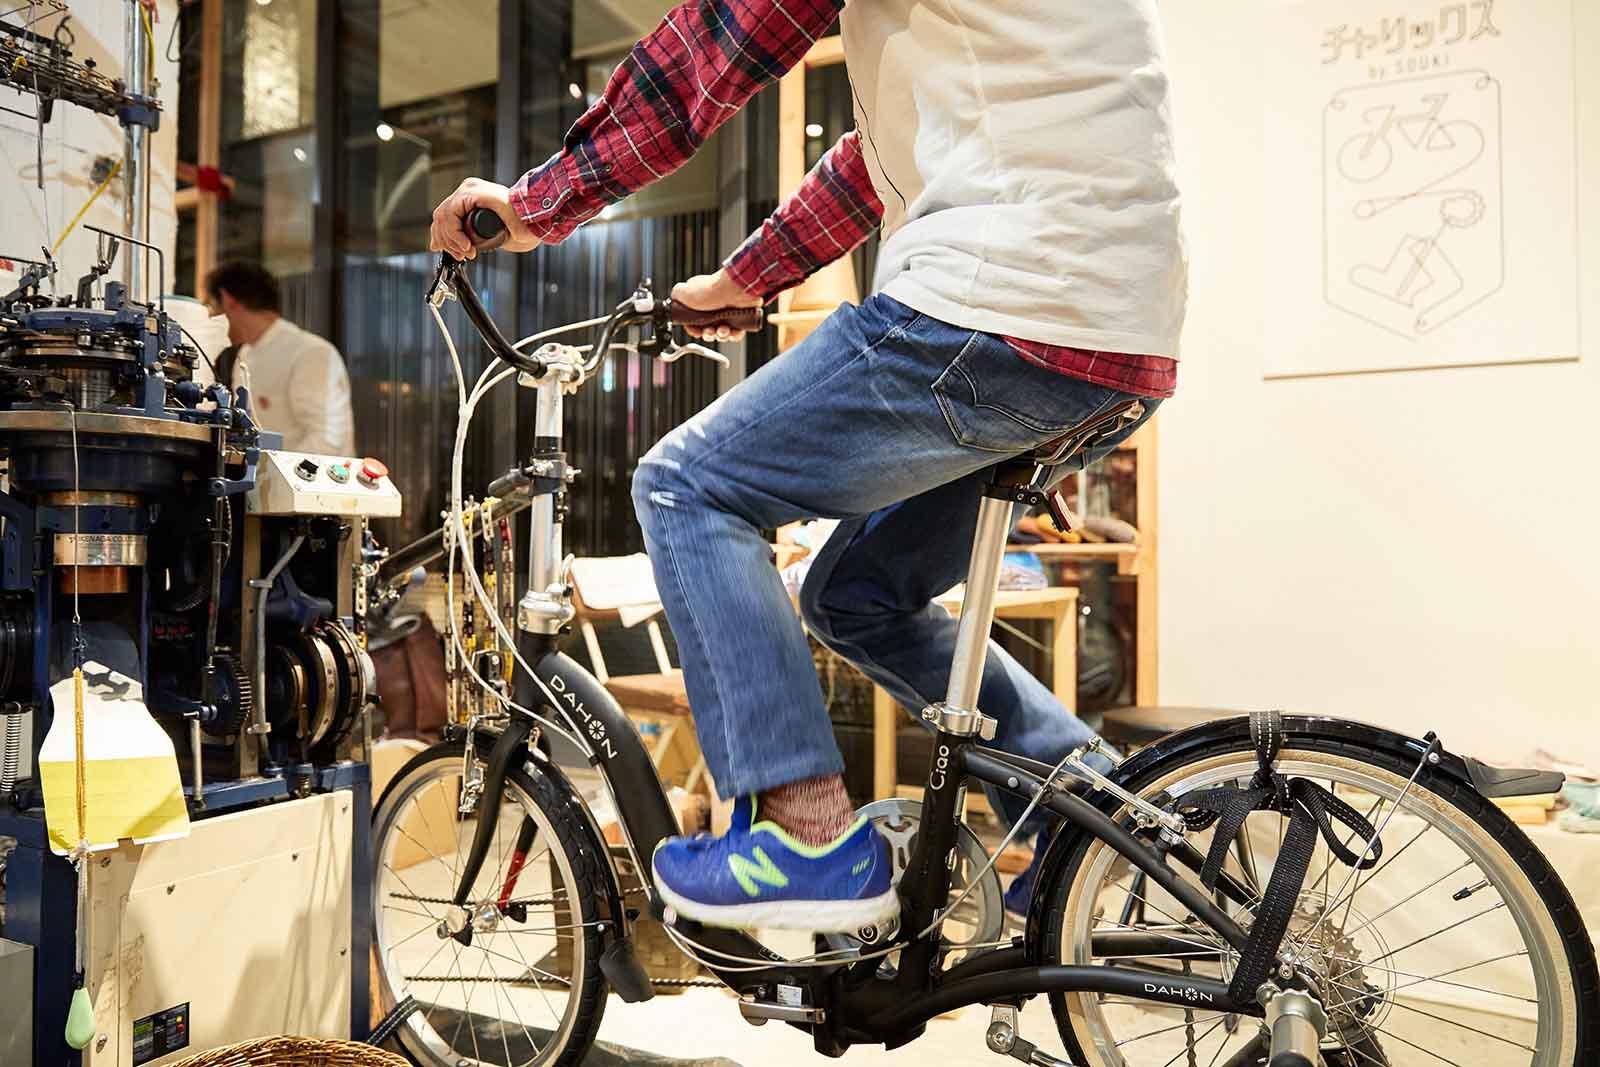 自転車をこぐと、お隣の機械が動き出しました!